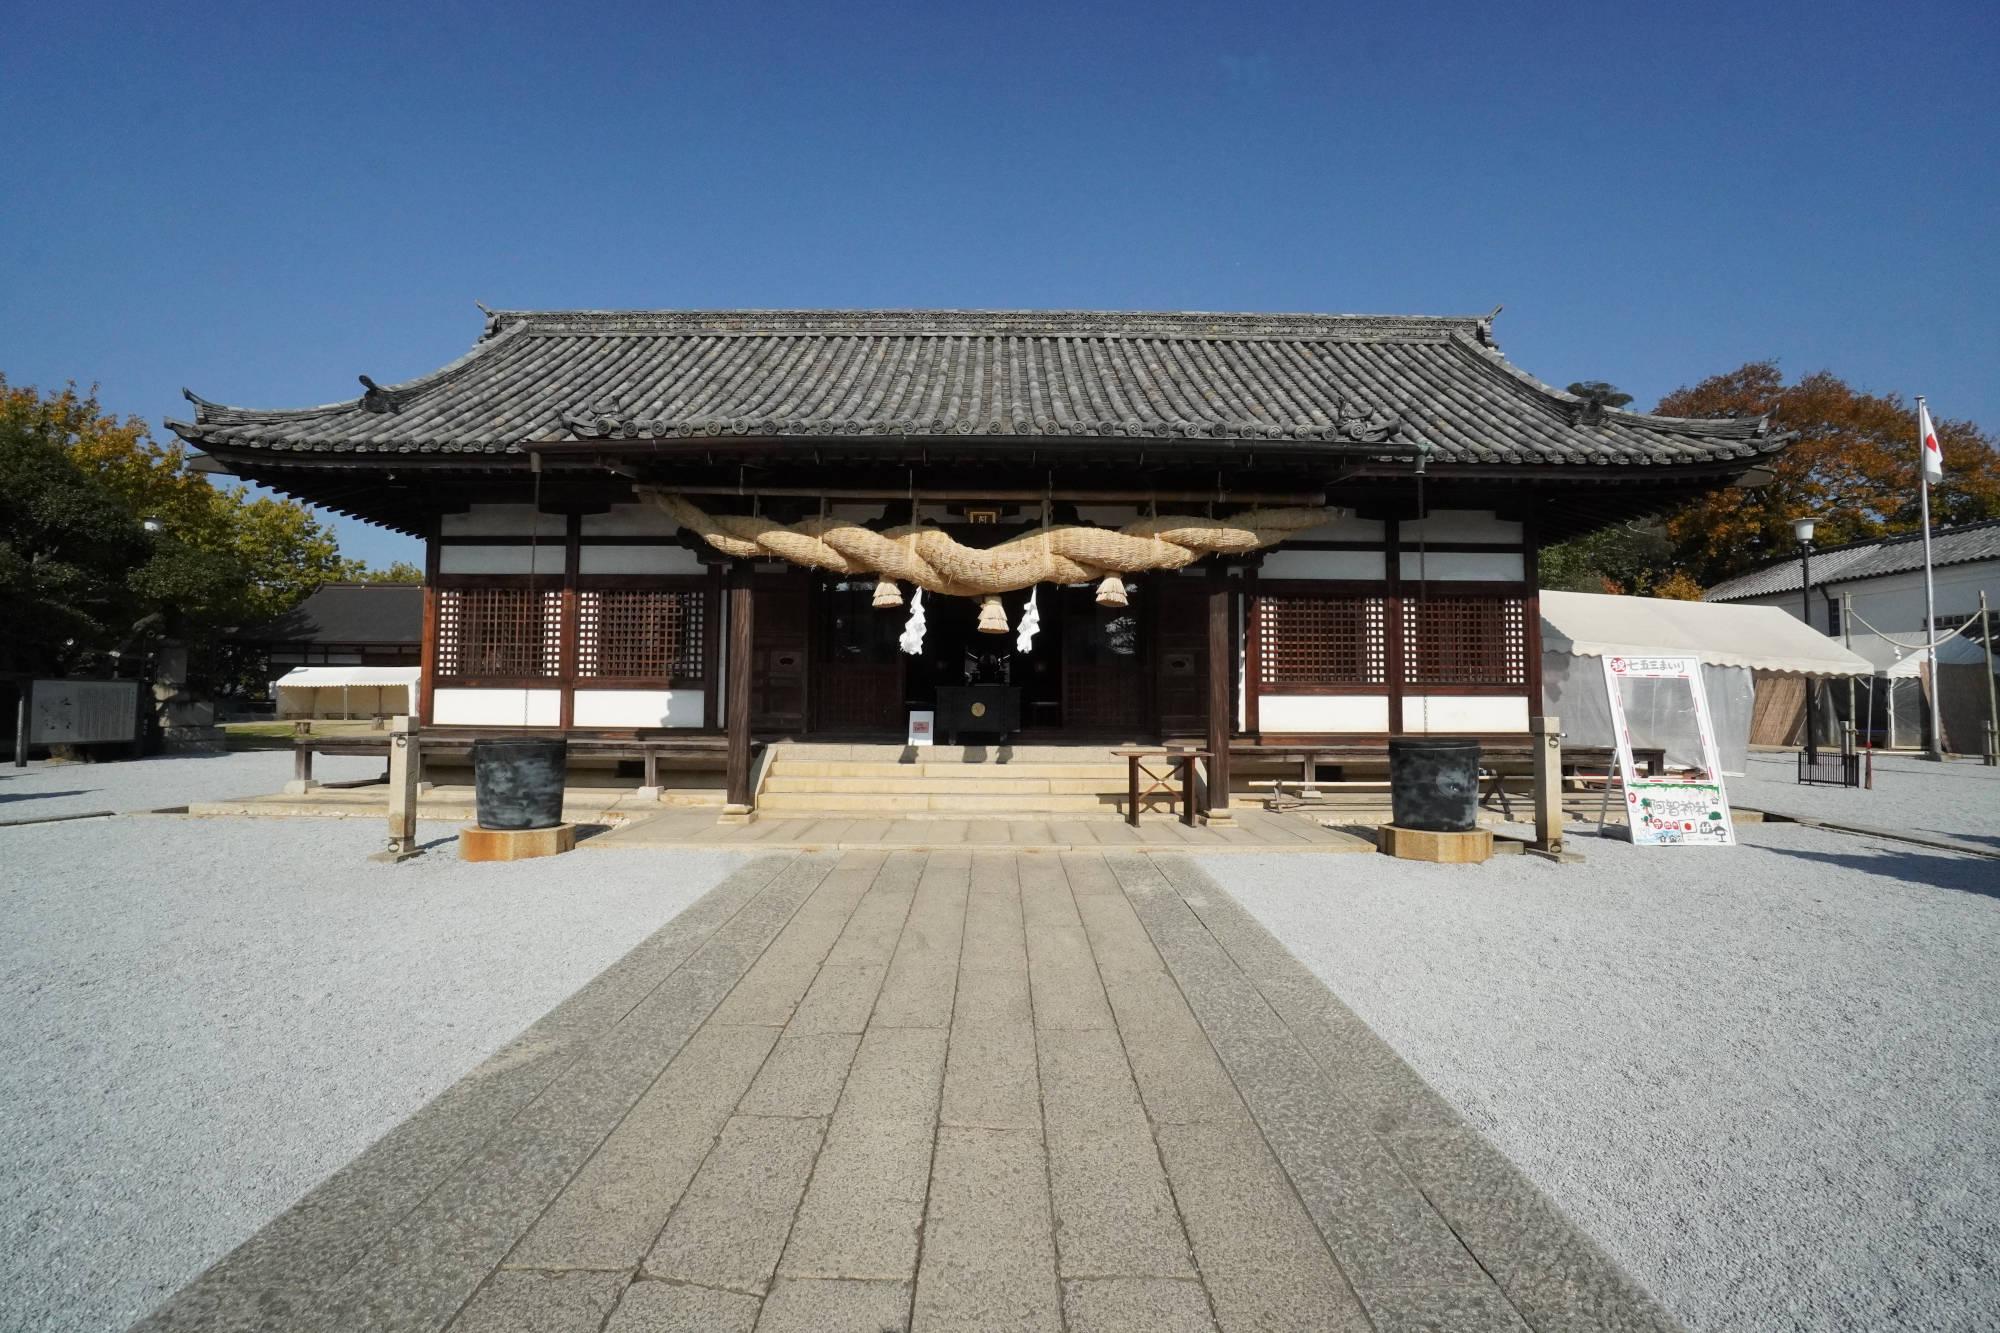 阿智神社の拝殿(本殿)